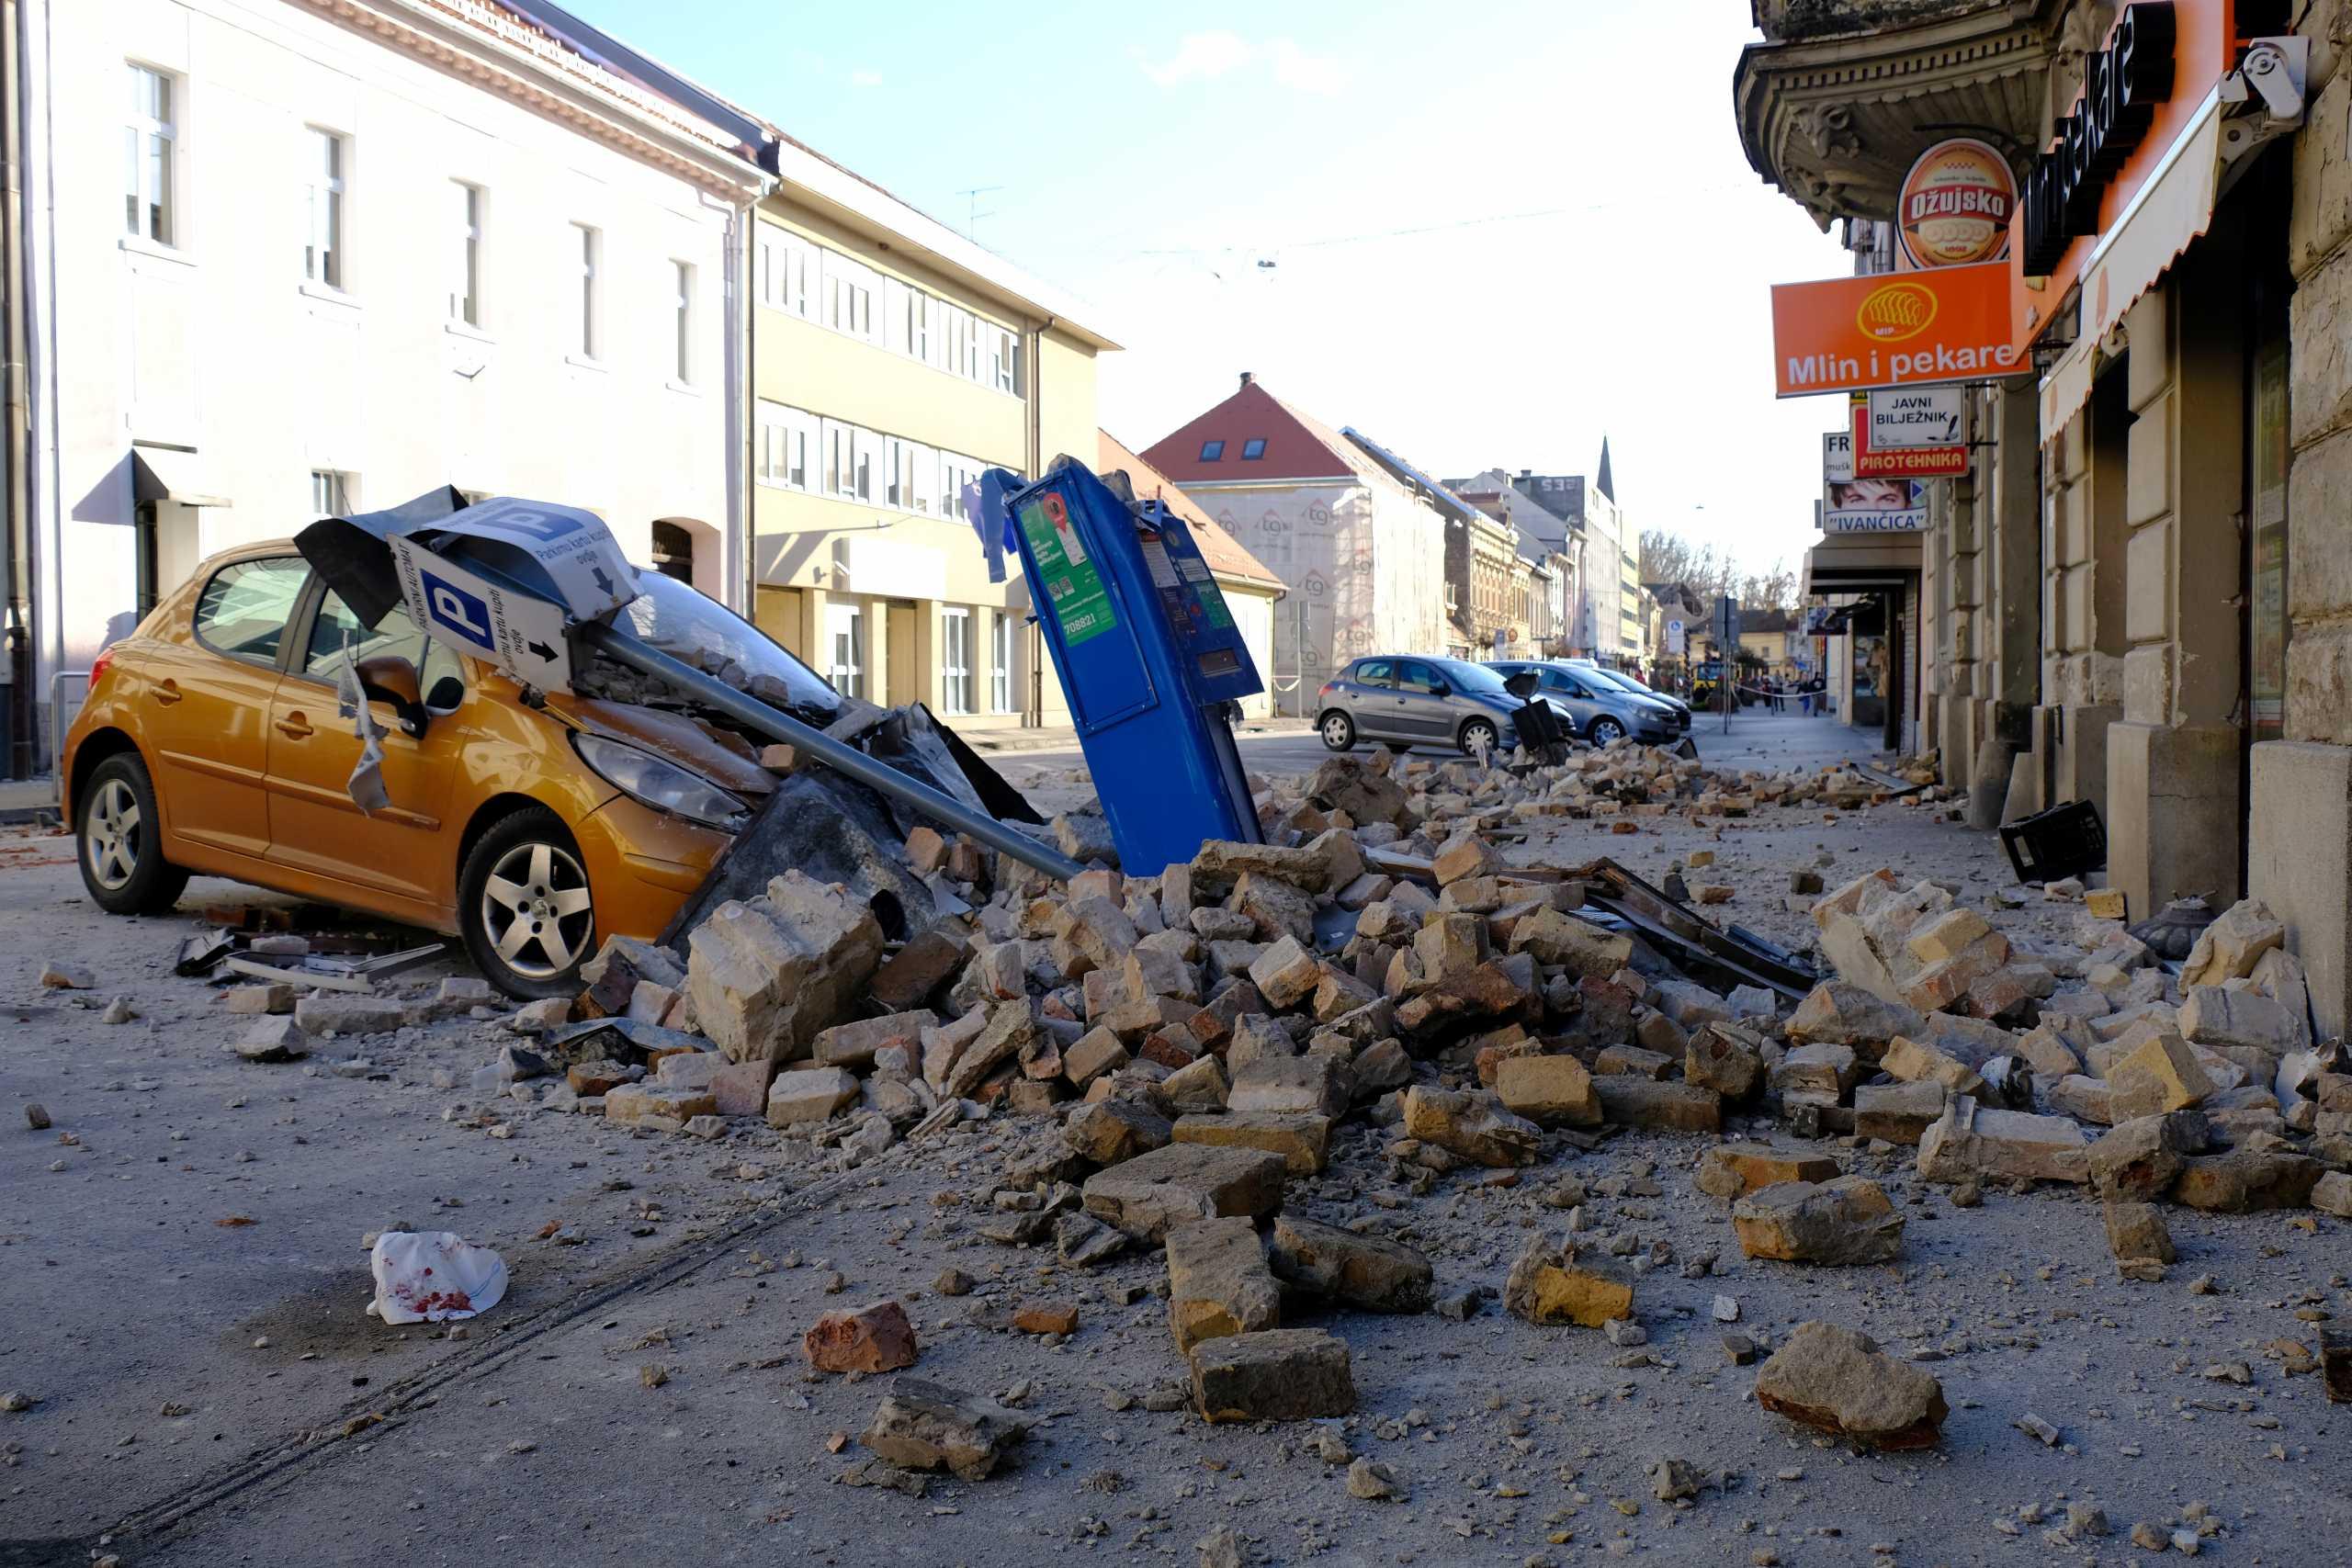 Σεισμός 6,4 ρίχτερ συγκλόνισε την Κροατία – Συναγερμός σε γειτονικές χώρες